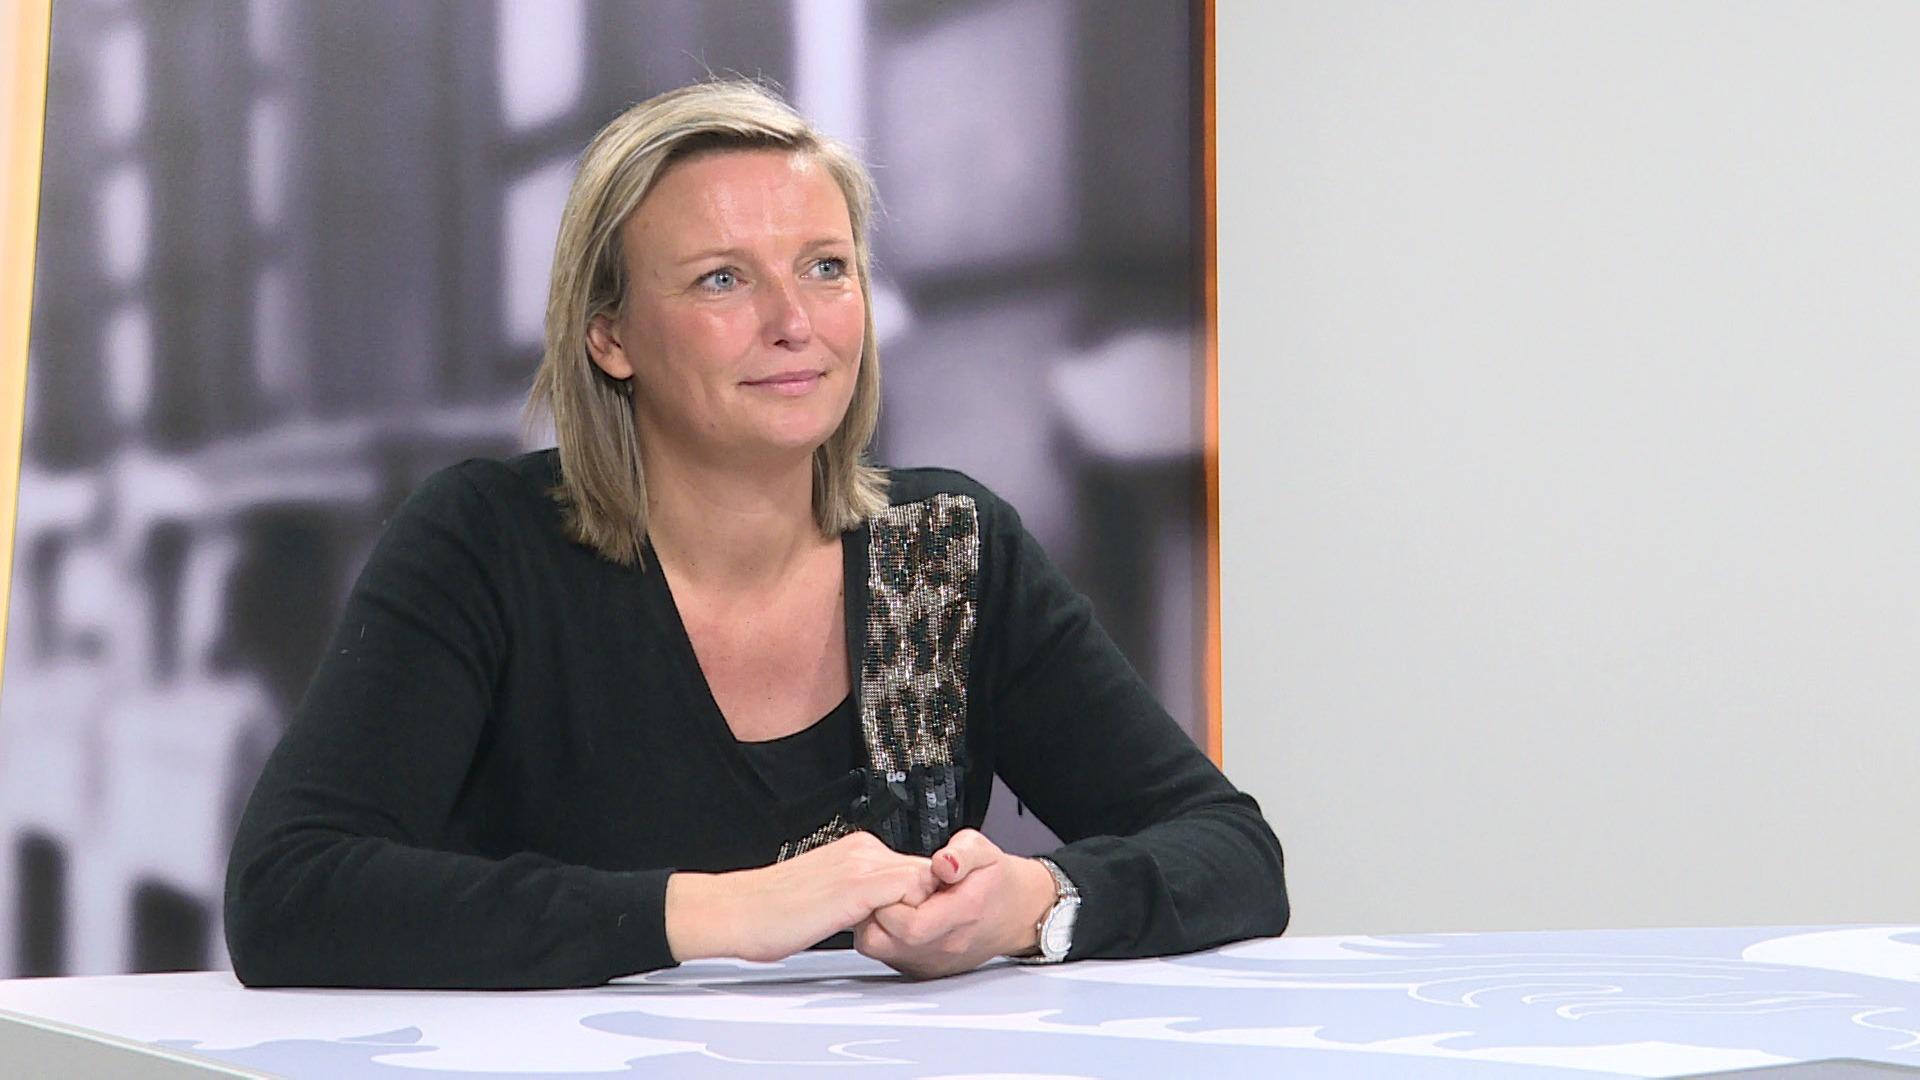 Studio Vlaams Parlement: Els Robeyns over nieuwe undercoverbeelden uit de slachthuissector